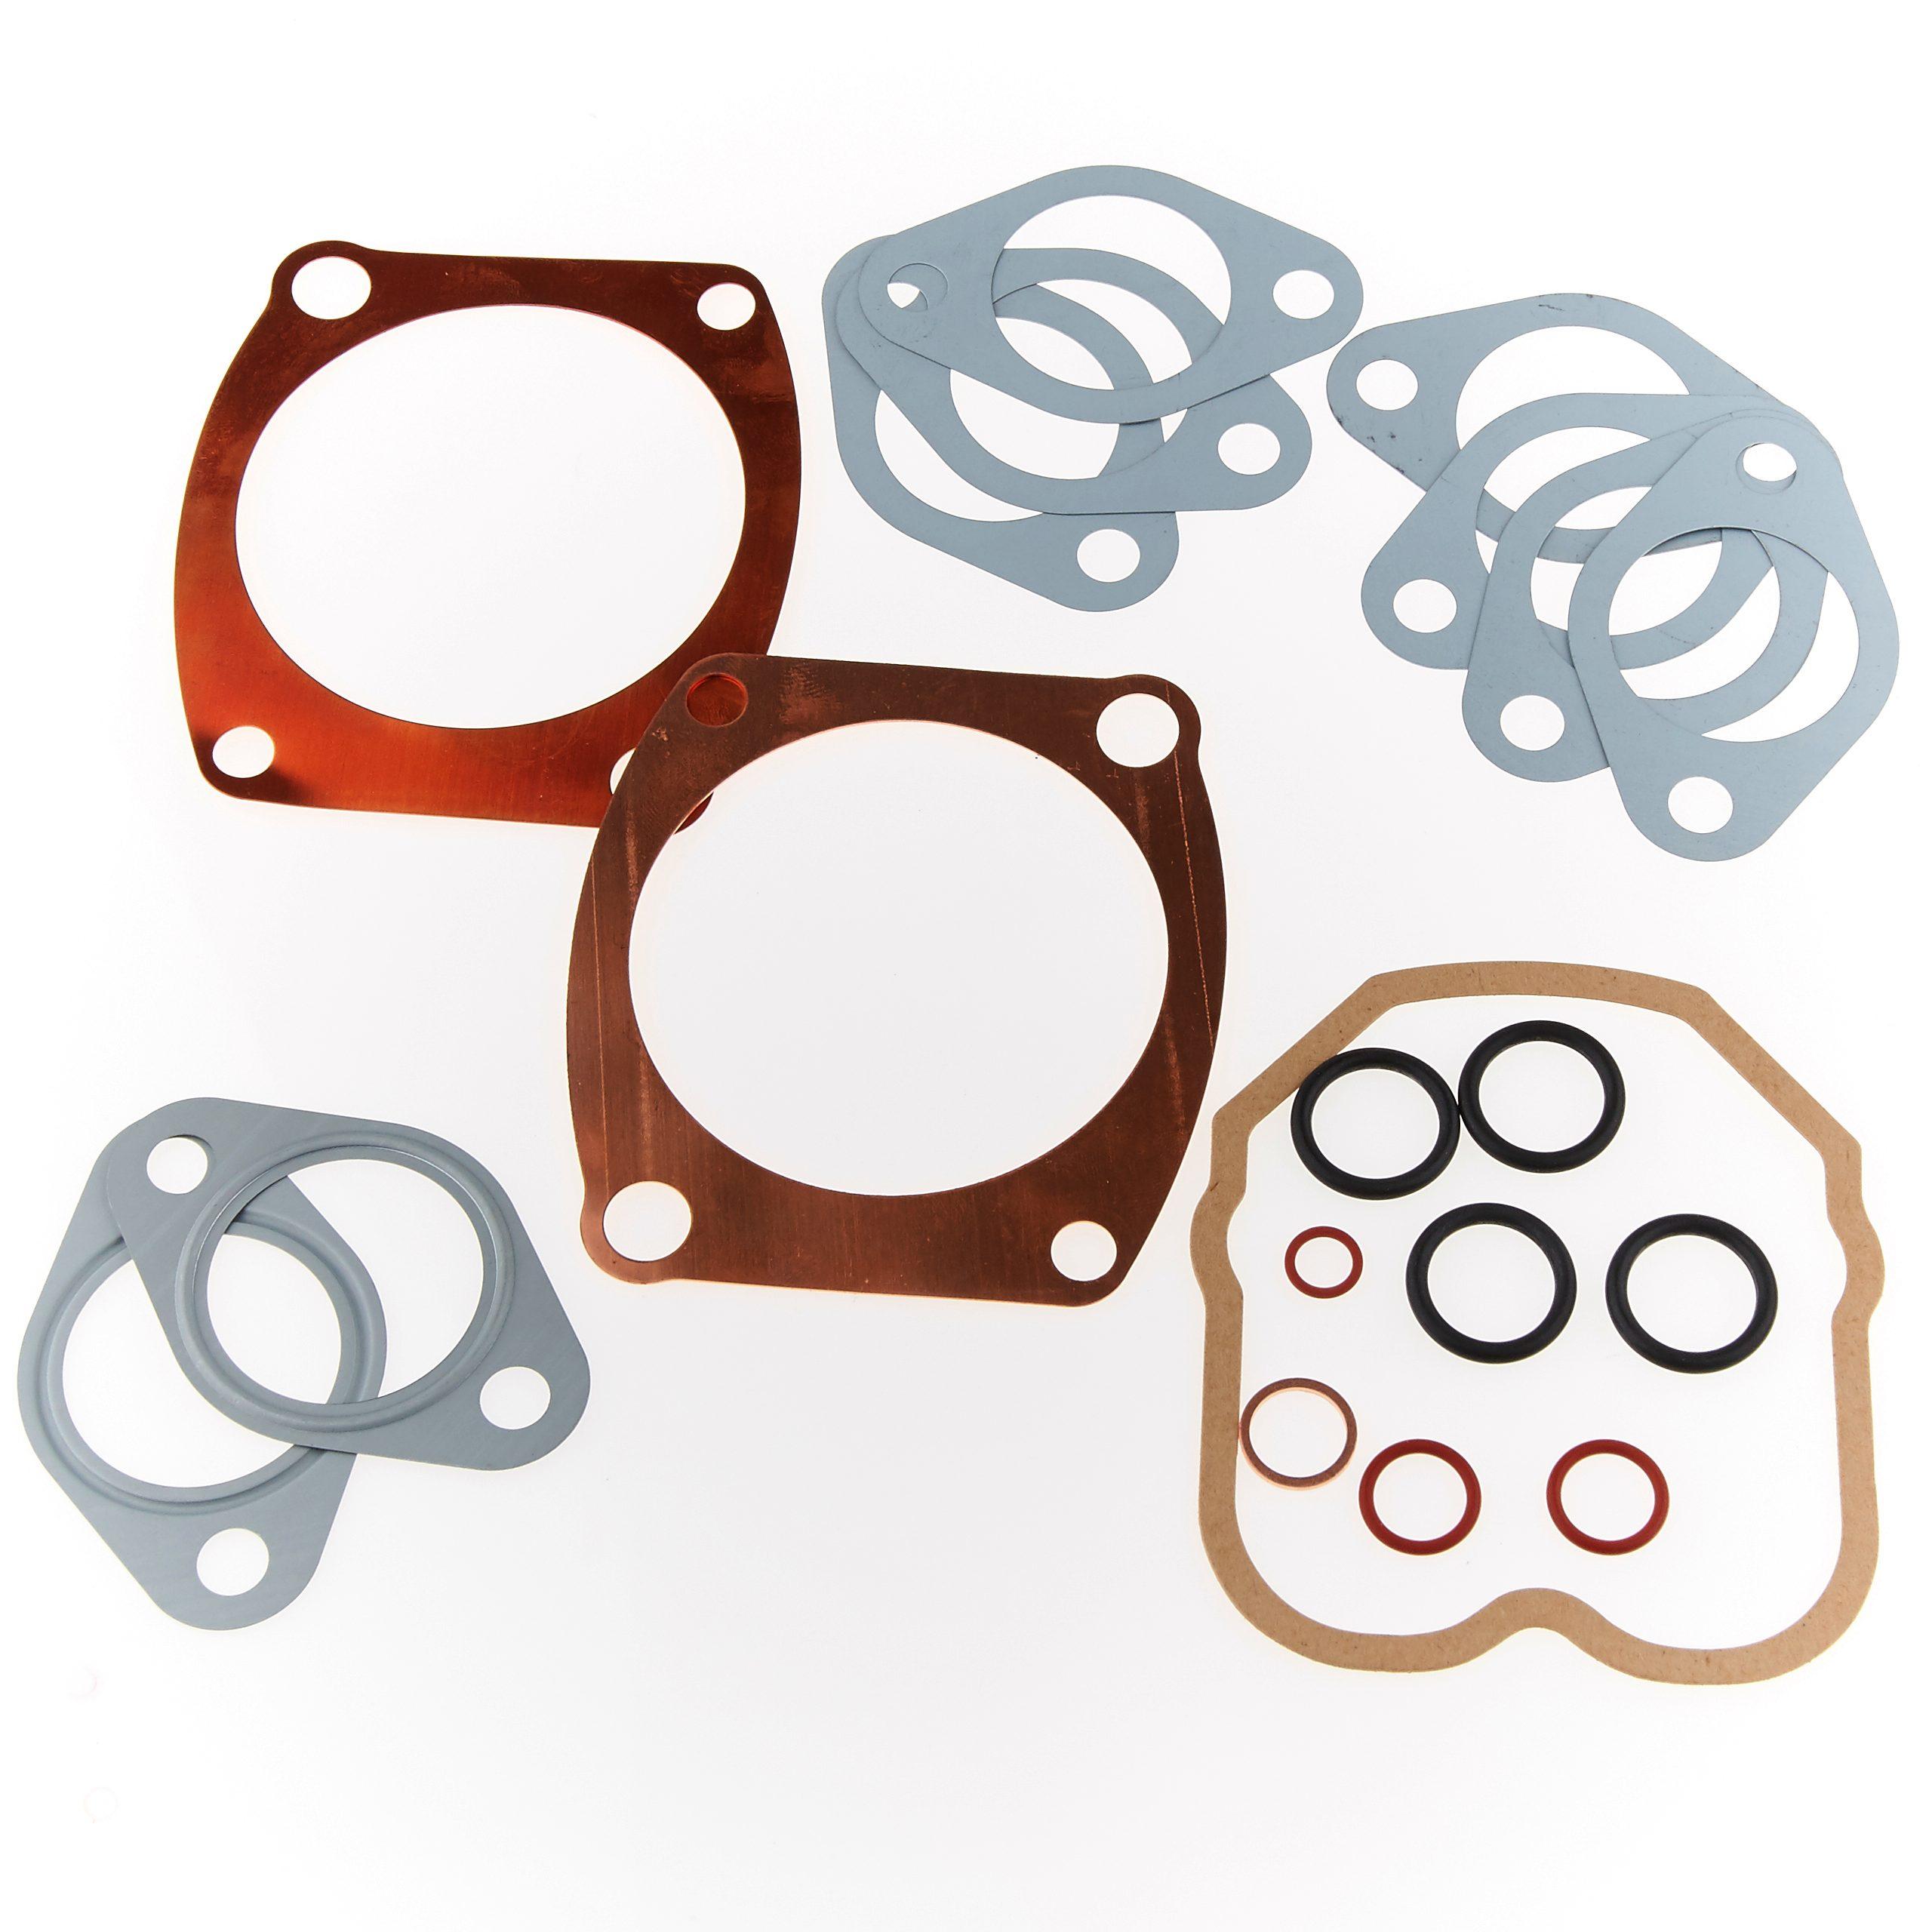 Комплект прокладок головки блока цилиндров HATZ E673 E573 00910610